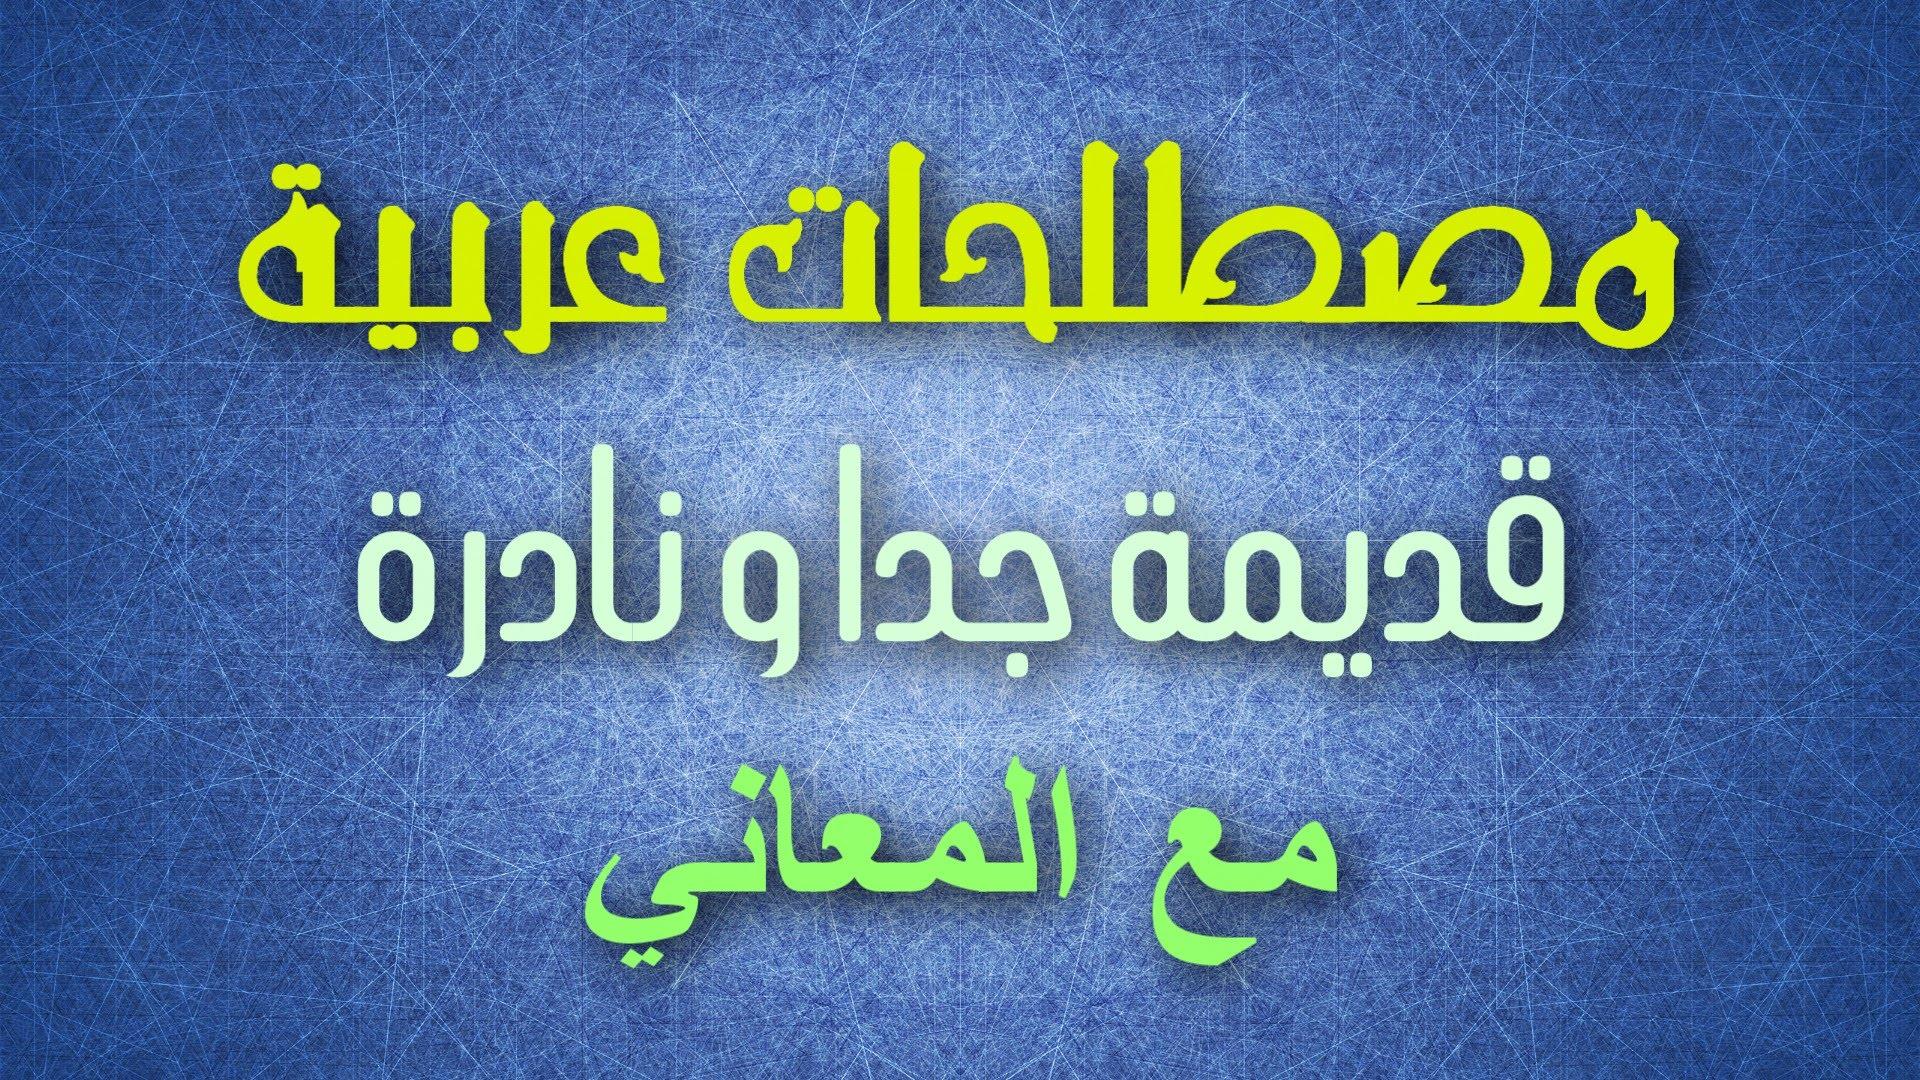 صورة معاني الكلمات العربية , المعجم العربي وشرح معاني الكلمات